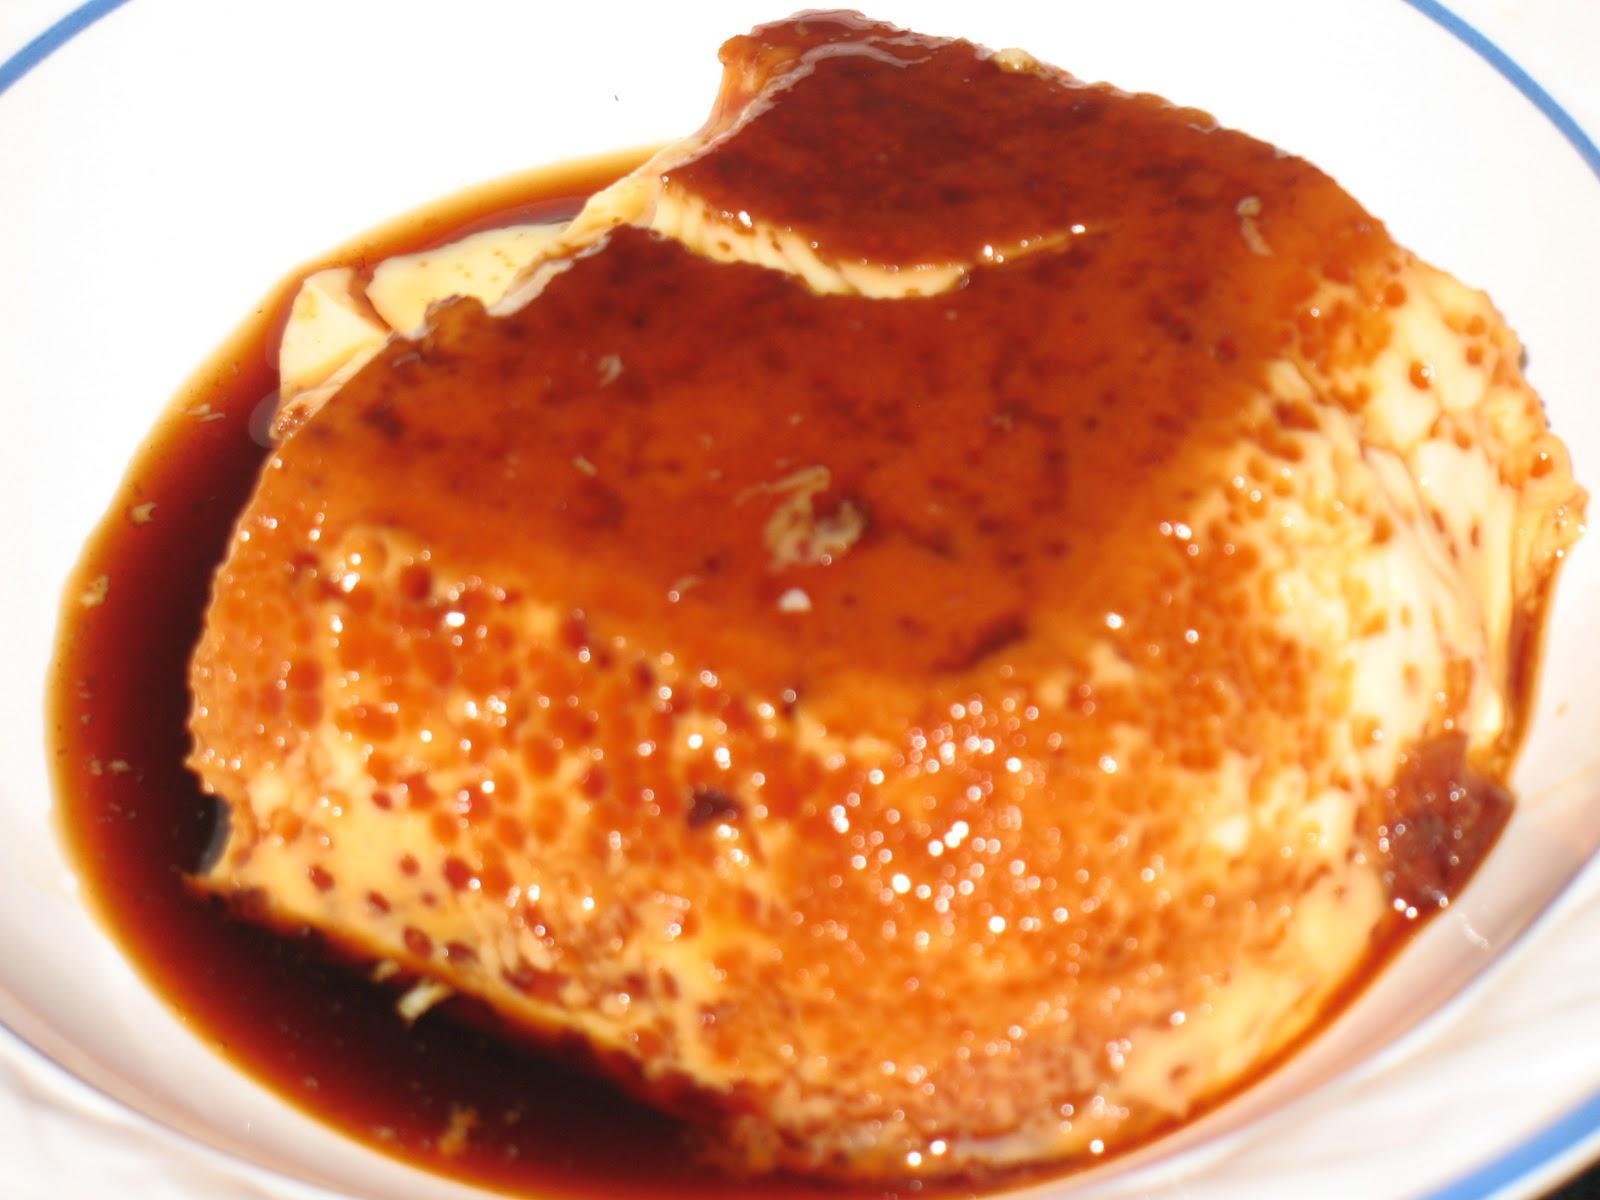 Hierbabuena y pimienta flan de huevo al ba o mar a - Envasar al bano maria ...